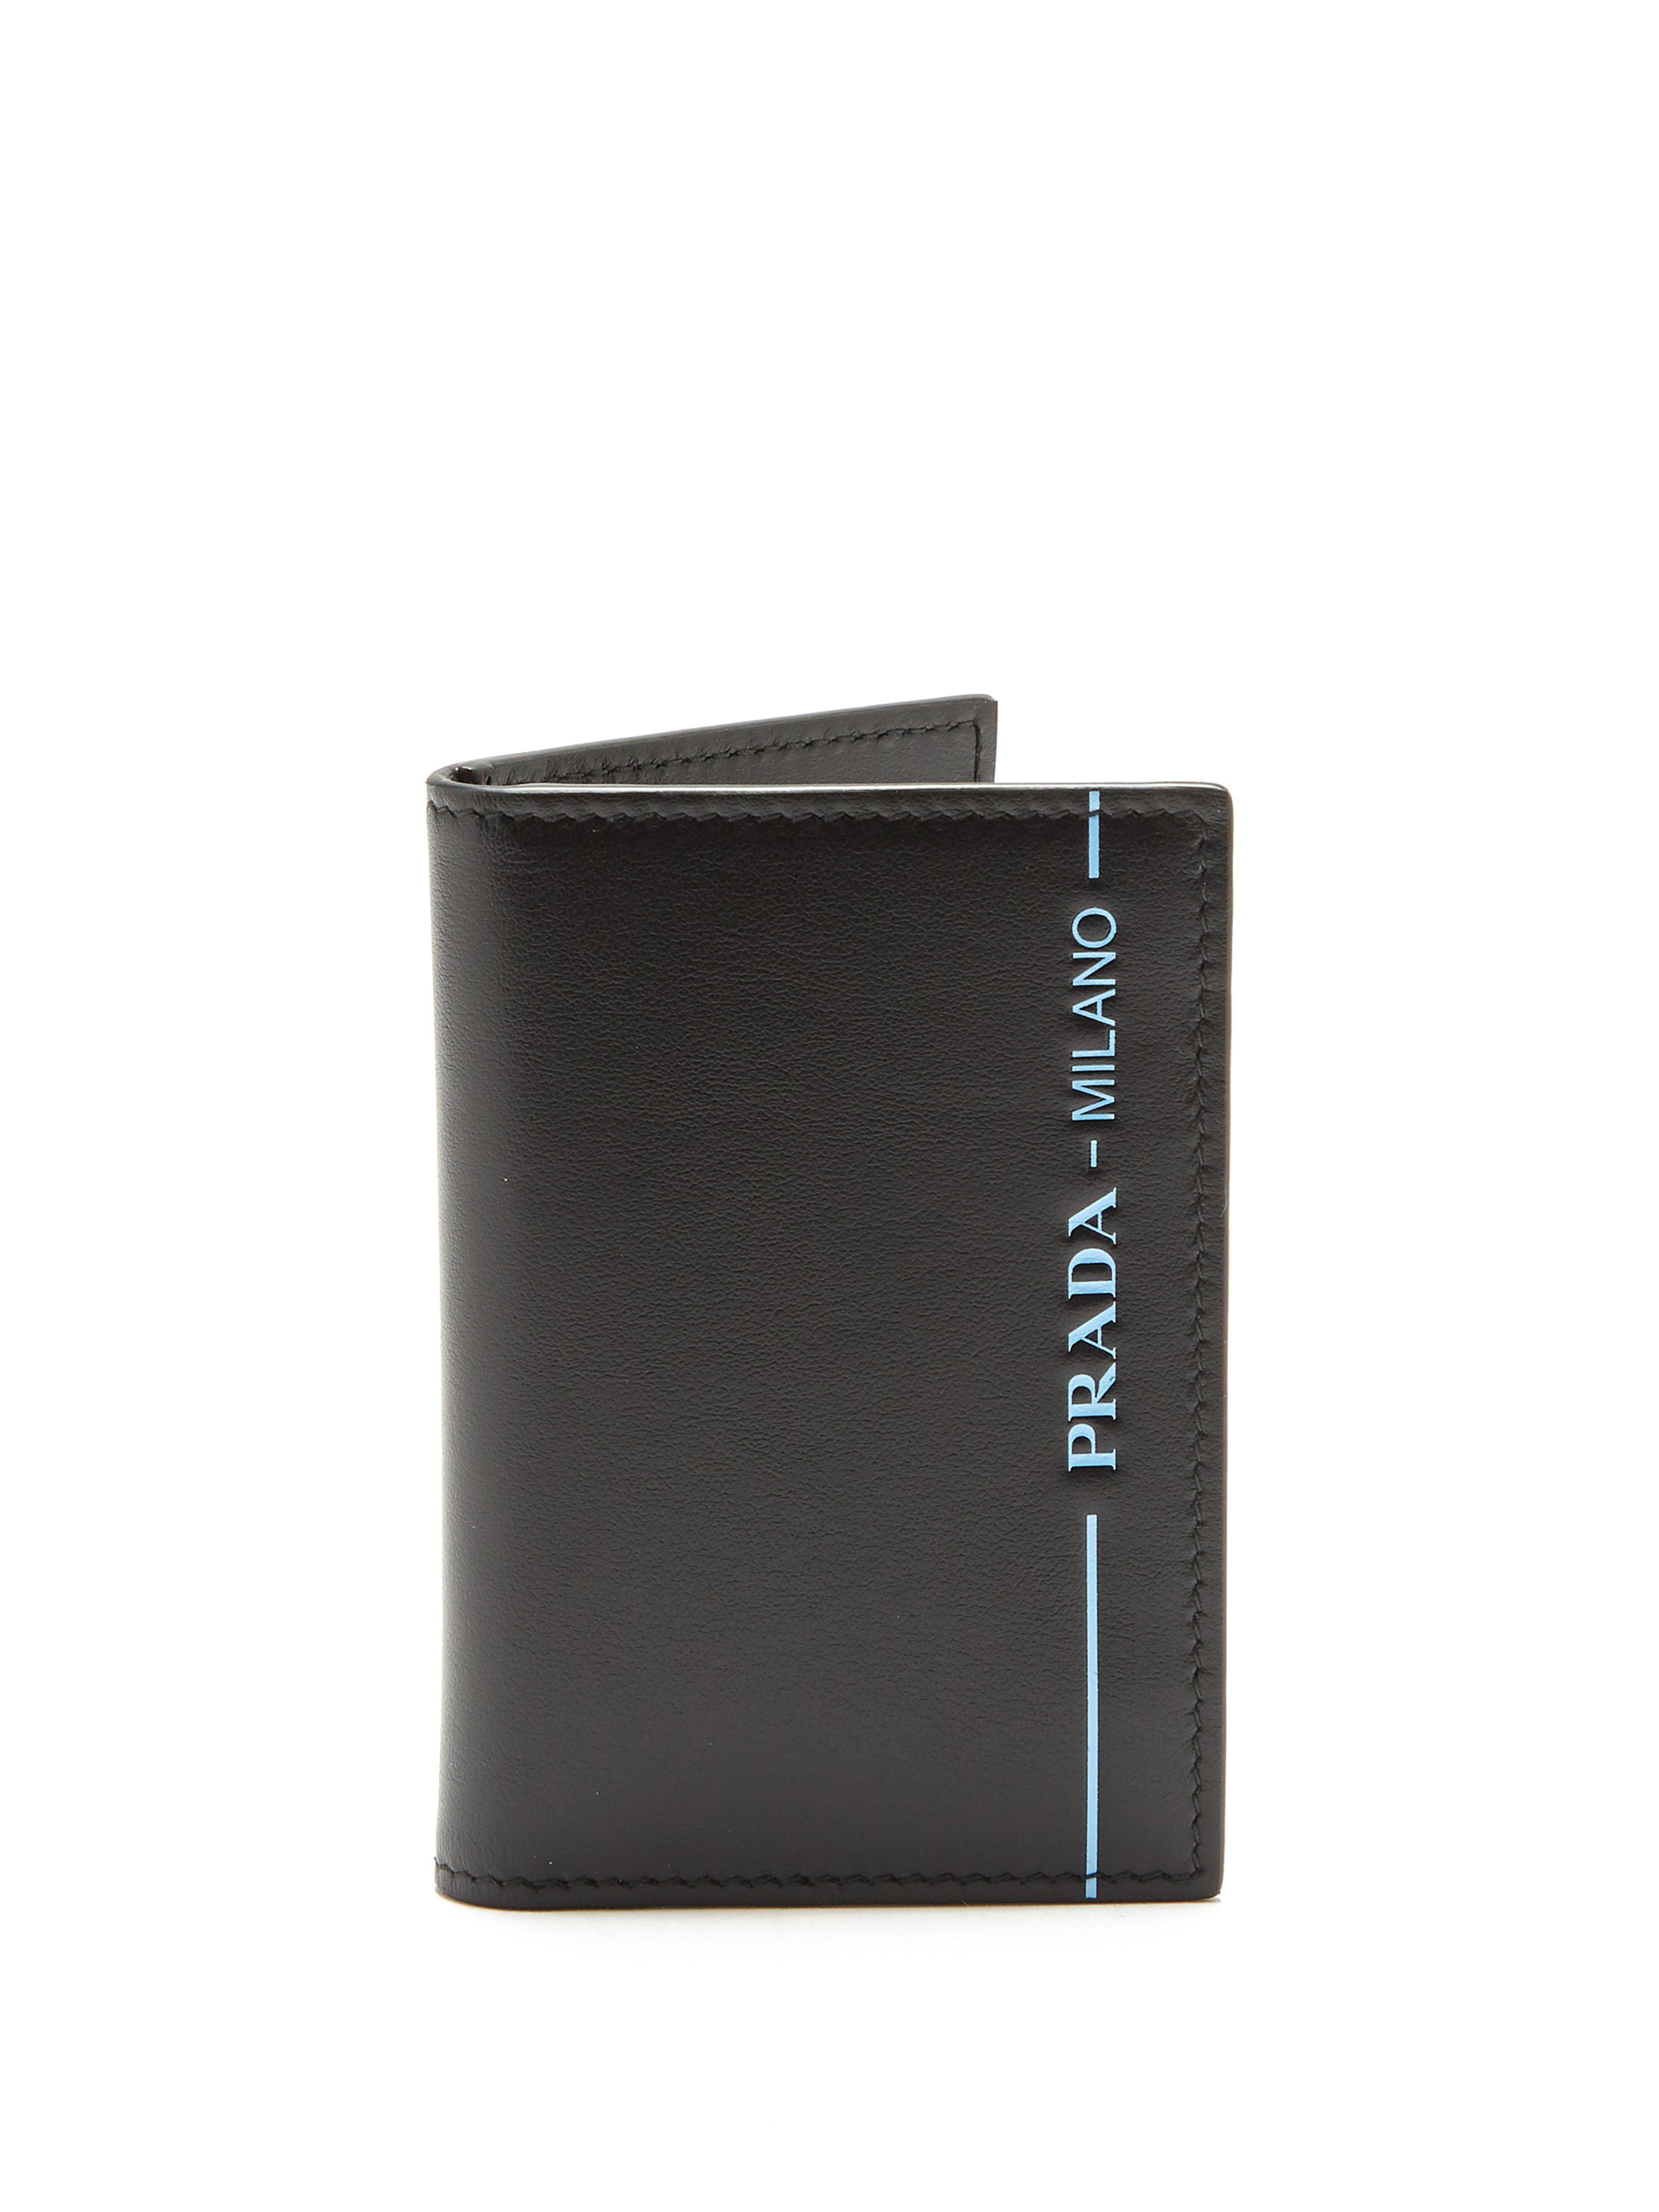 ff35fa2557bd Prada Logo Print Bi Fold Cardholder in Black for Men - Lyst